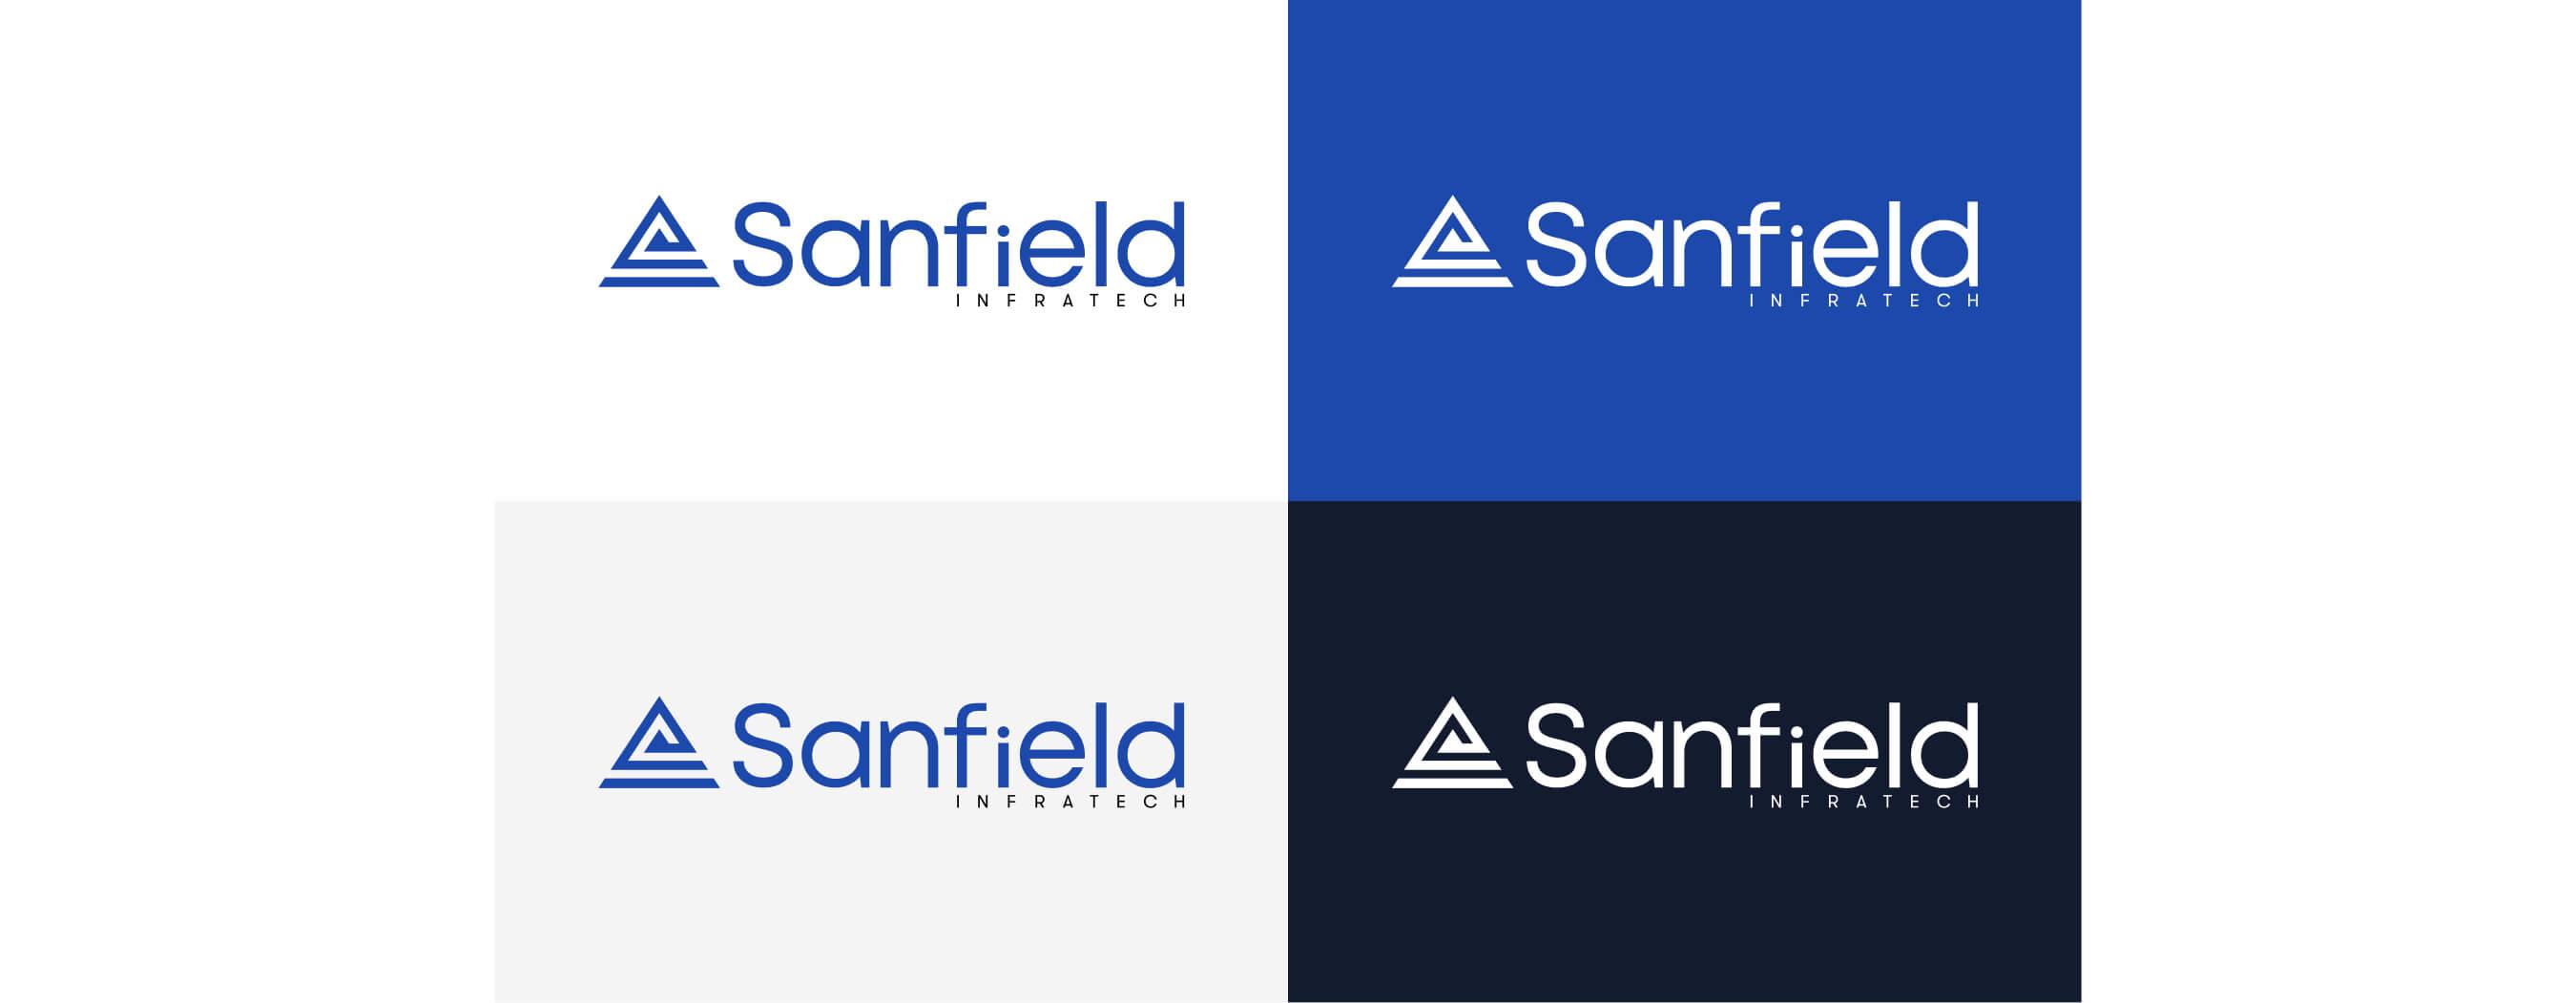 Sanfield Logo Design by wow.design